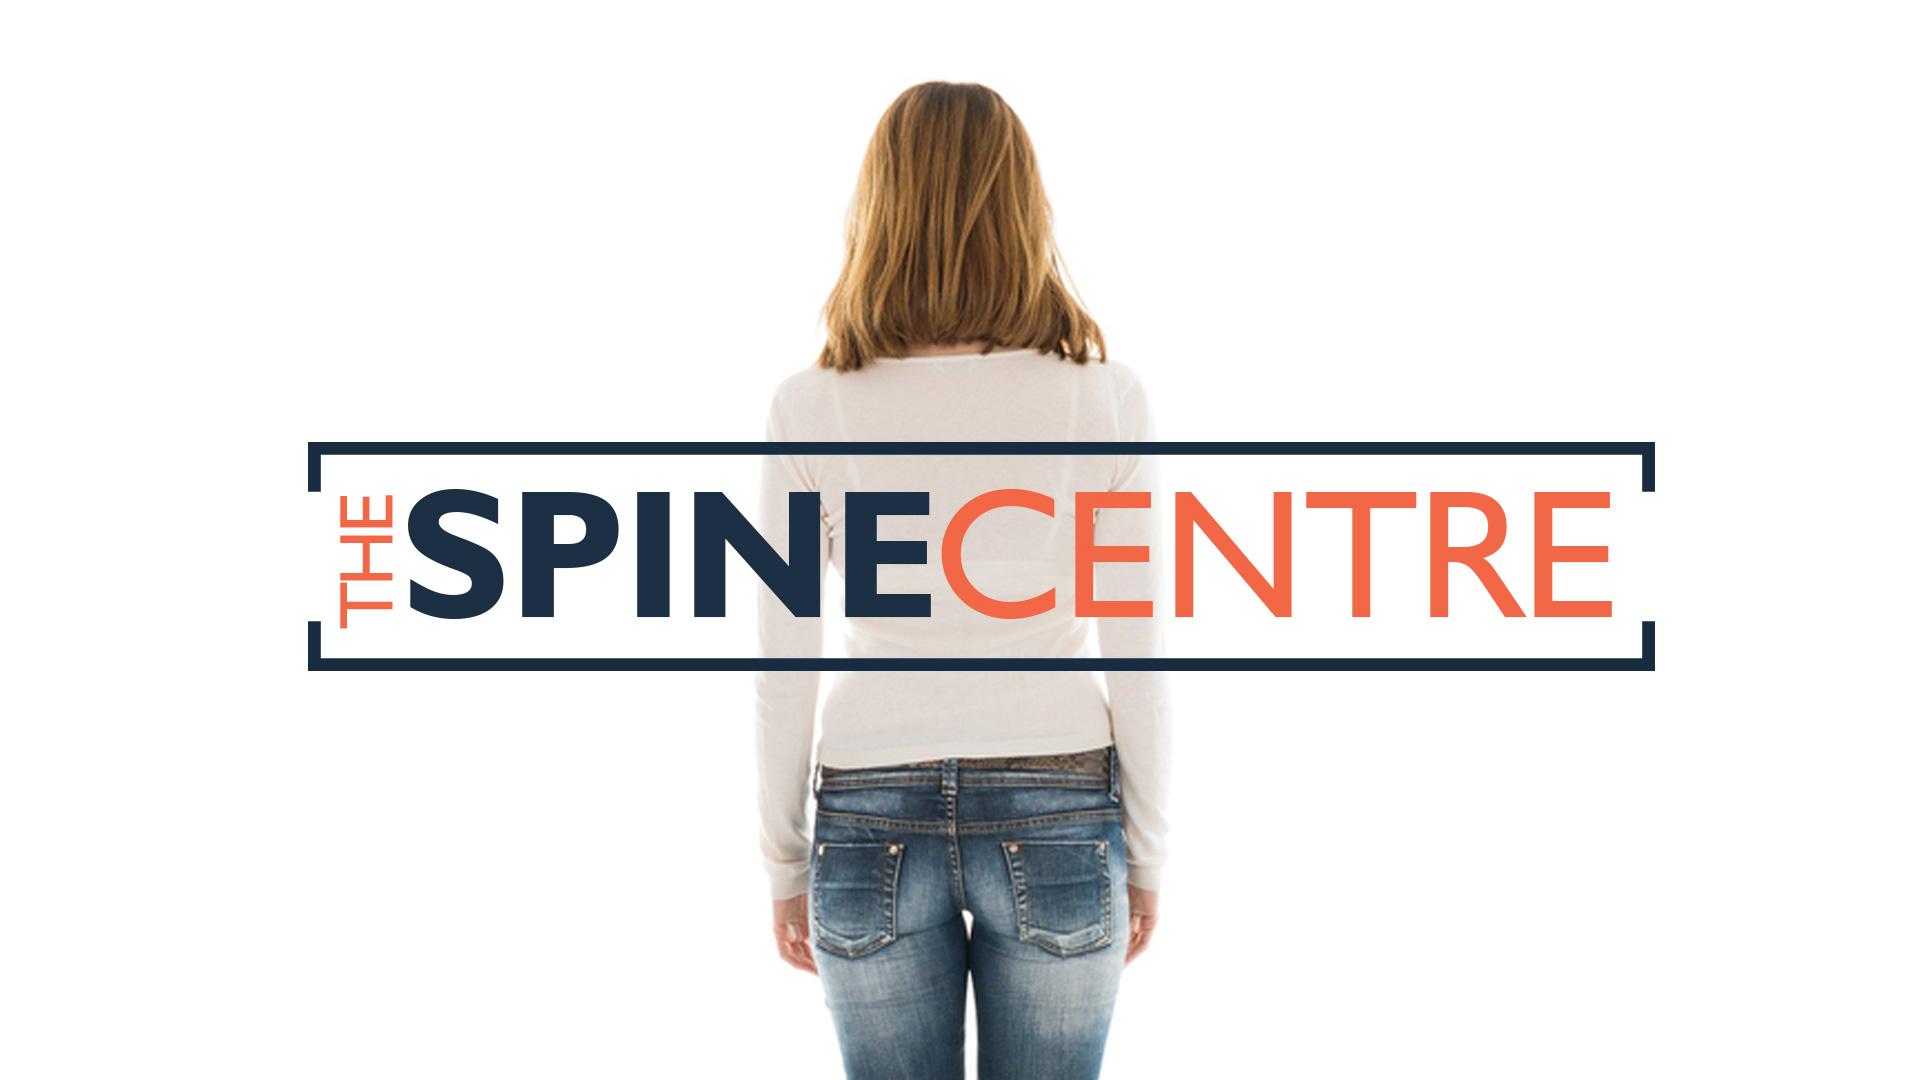 Spine Centre Slider Image Mar 2018